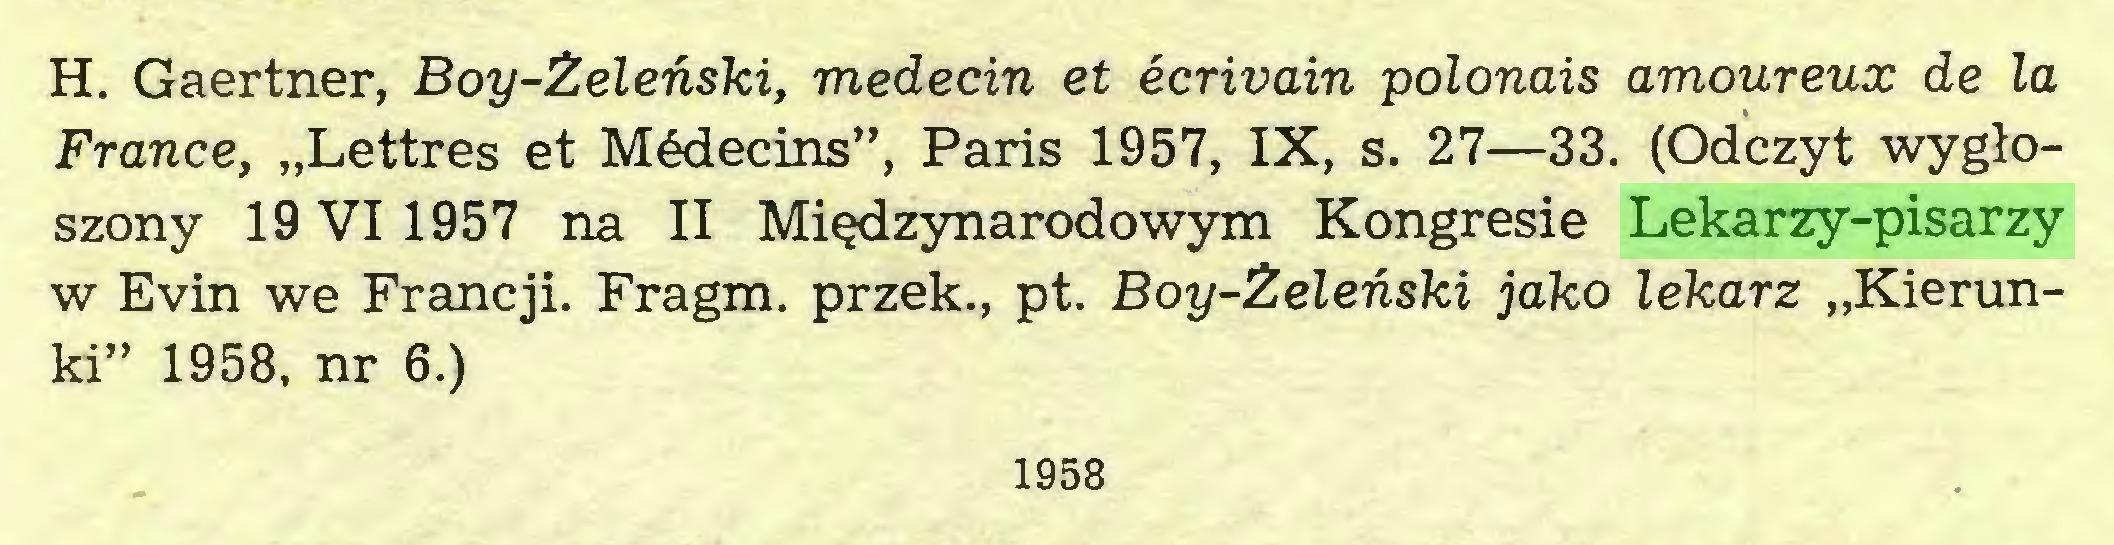 """(...) H. Gaertner, Boy-Żeleński, médecin et écrivain polonais amoureux de la France, """"Lettres et Médecins"""", Paris 1957, IX, s. 27—33. (Odczyt wygłoszony 19 VI 1957 na II Międzynarodowym Kongresie Lekarzy-pisarzy w Evin we Francji. Fragm. przek., pt. Boy-Żeleński jako lekarz """"Kierunki"""" 1958, nr 6.) 1958..."""